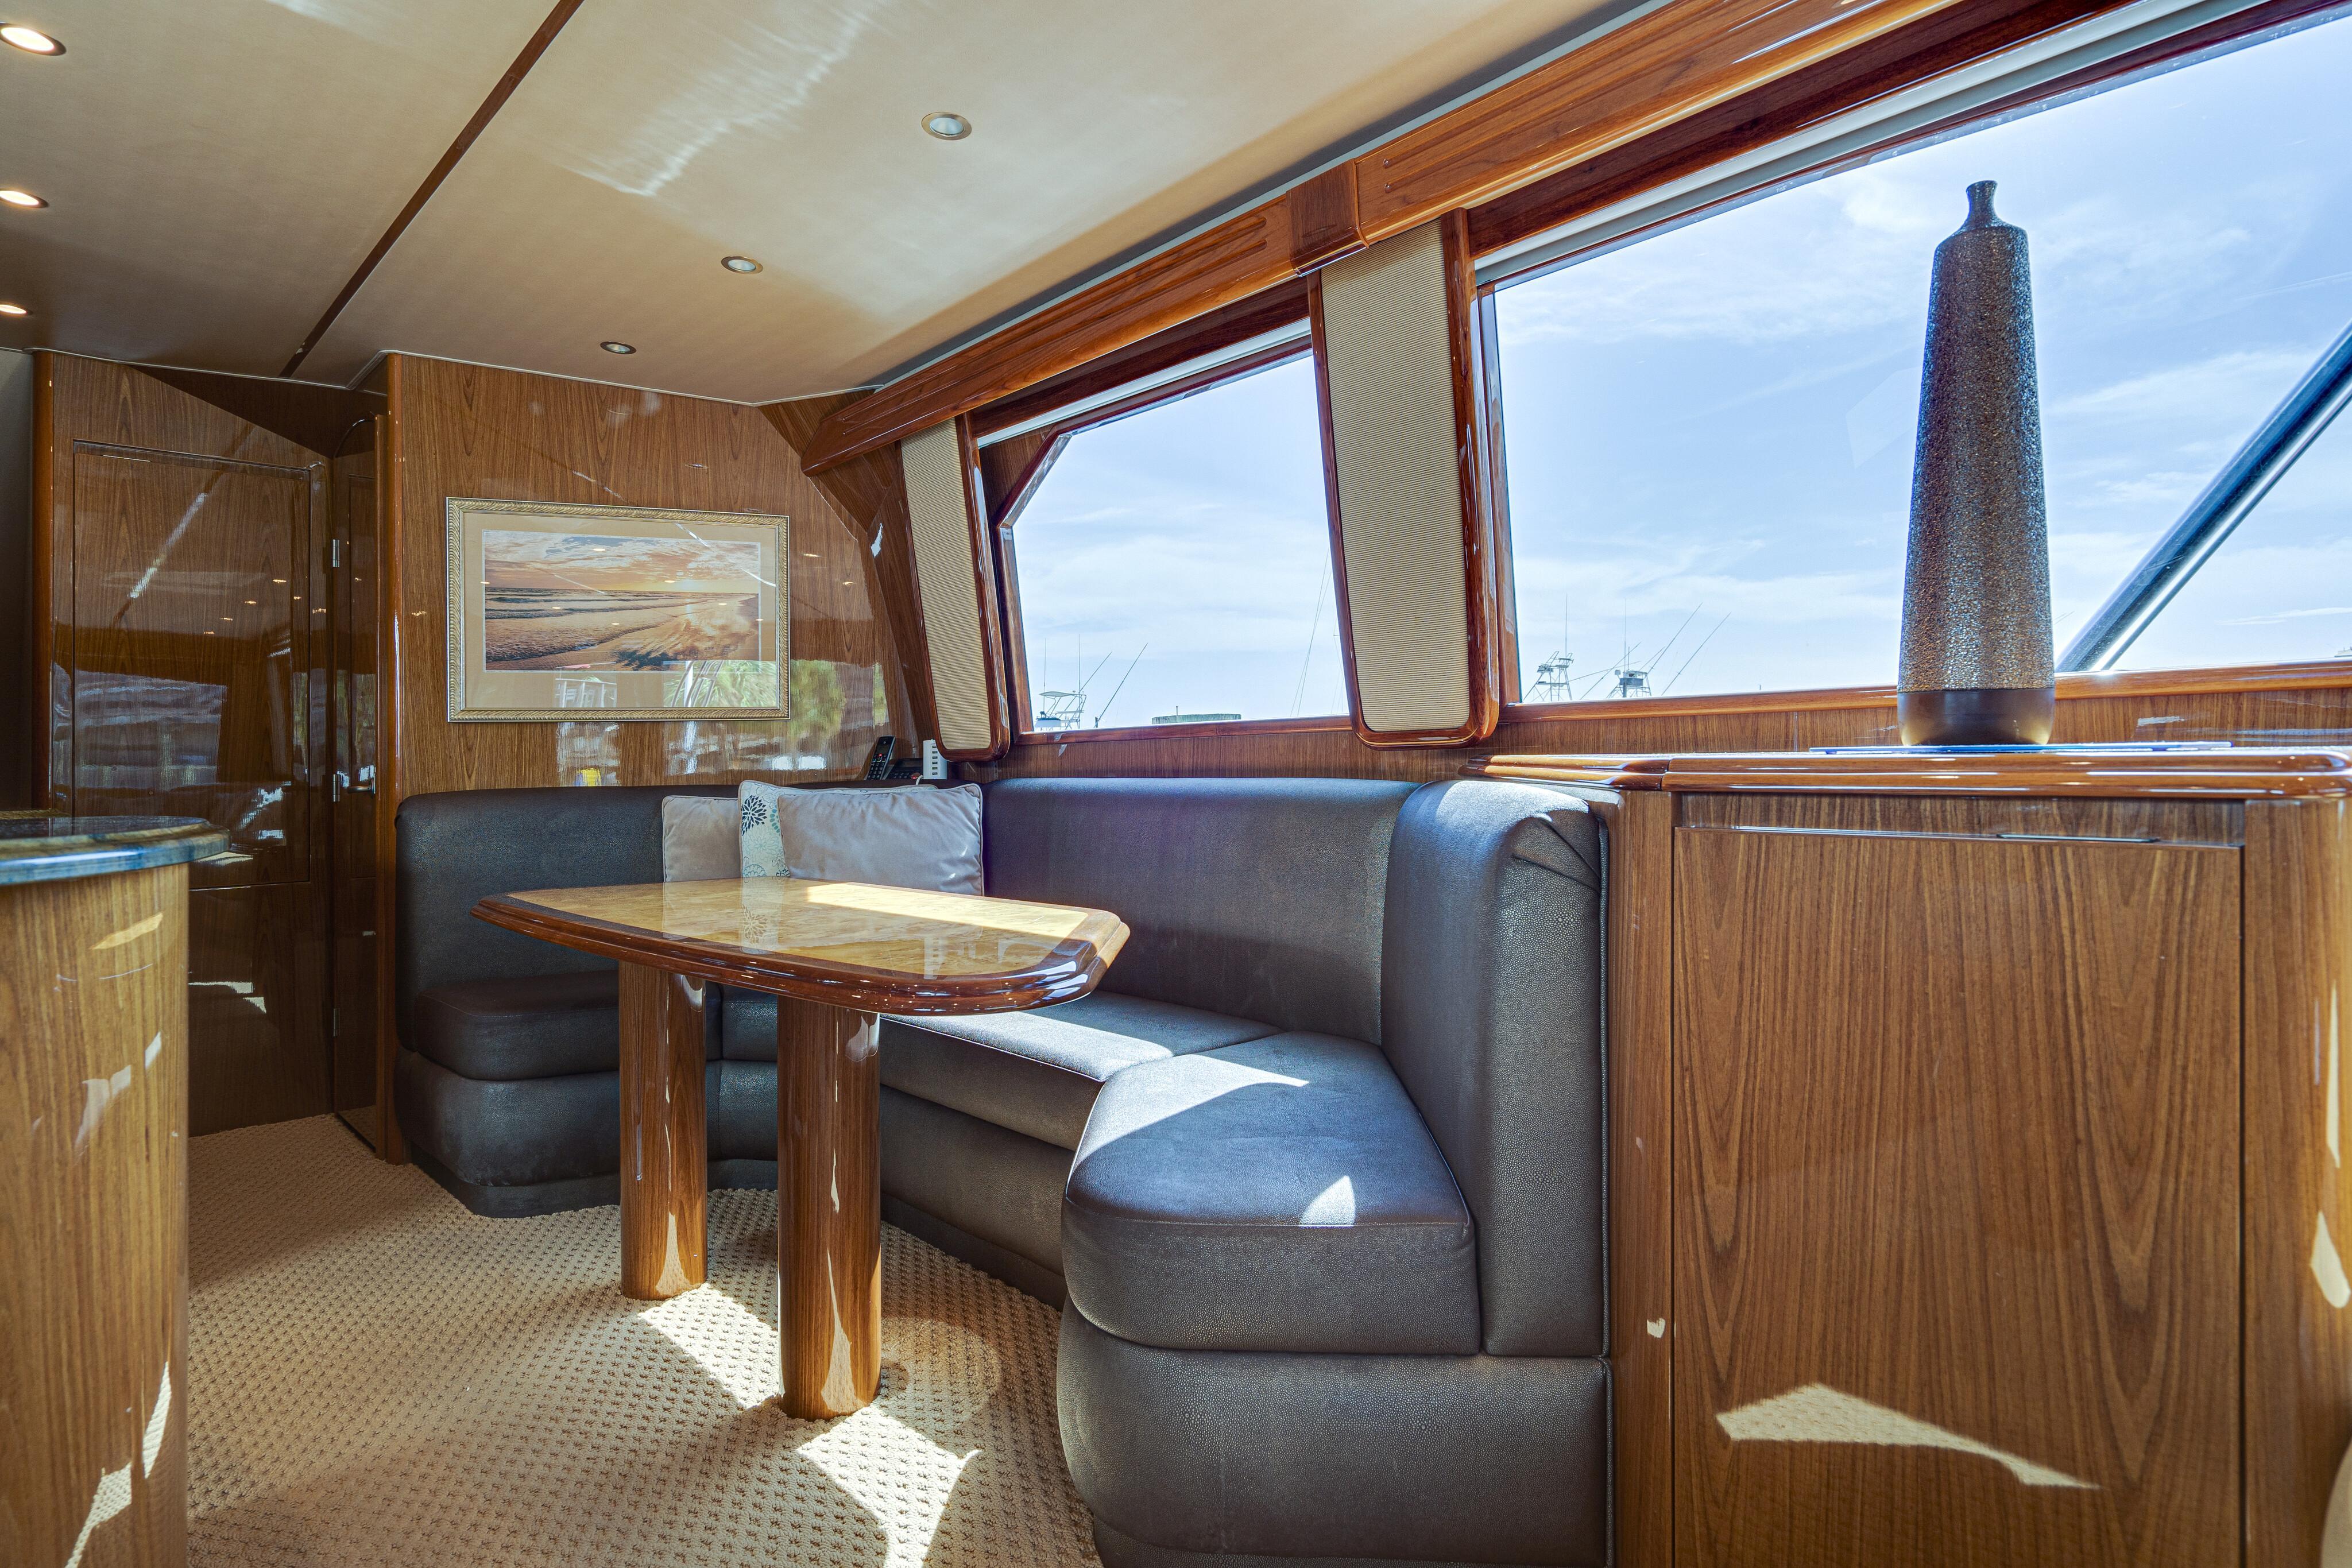 2012 76 Viking SF - Dinette